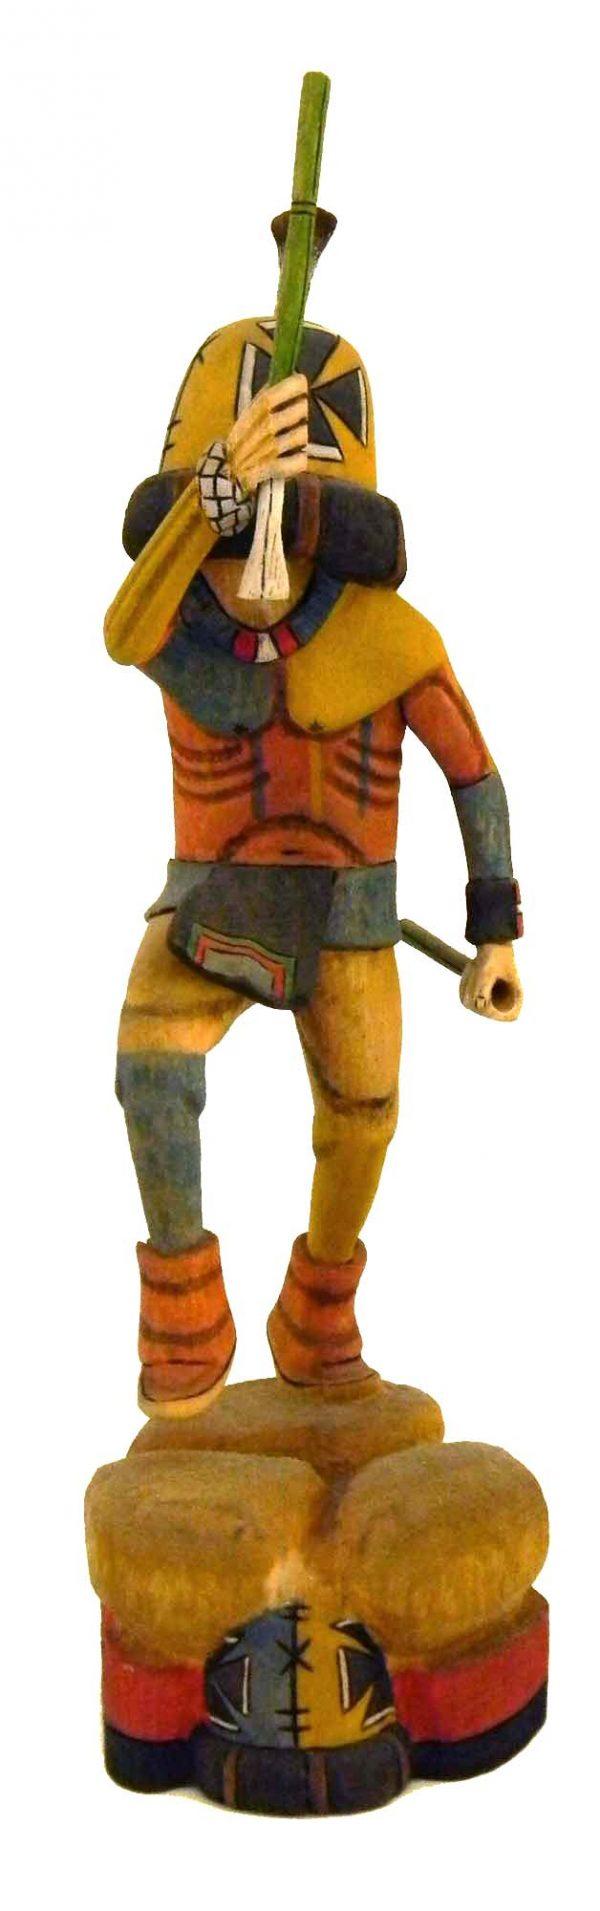 Hopi Kachina - HK12105